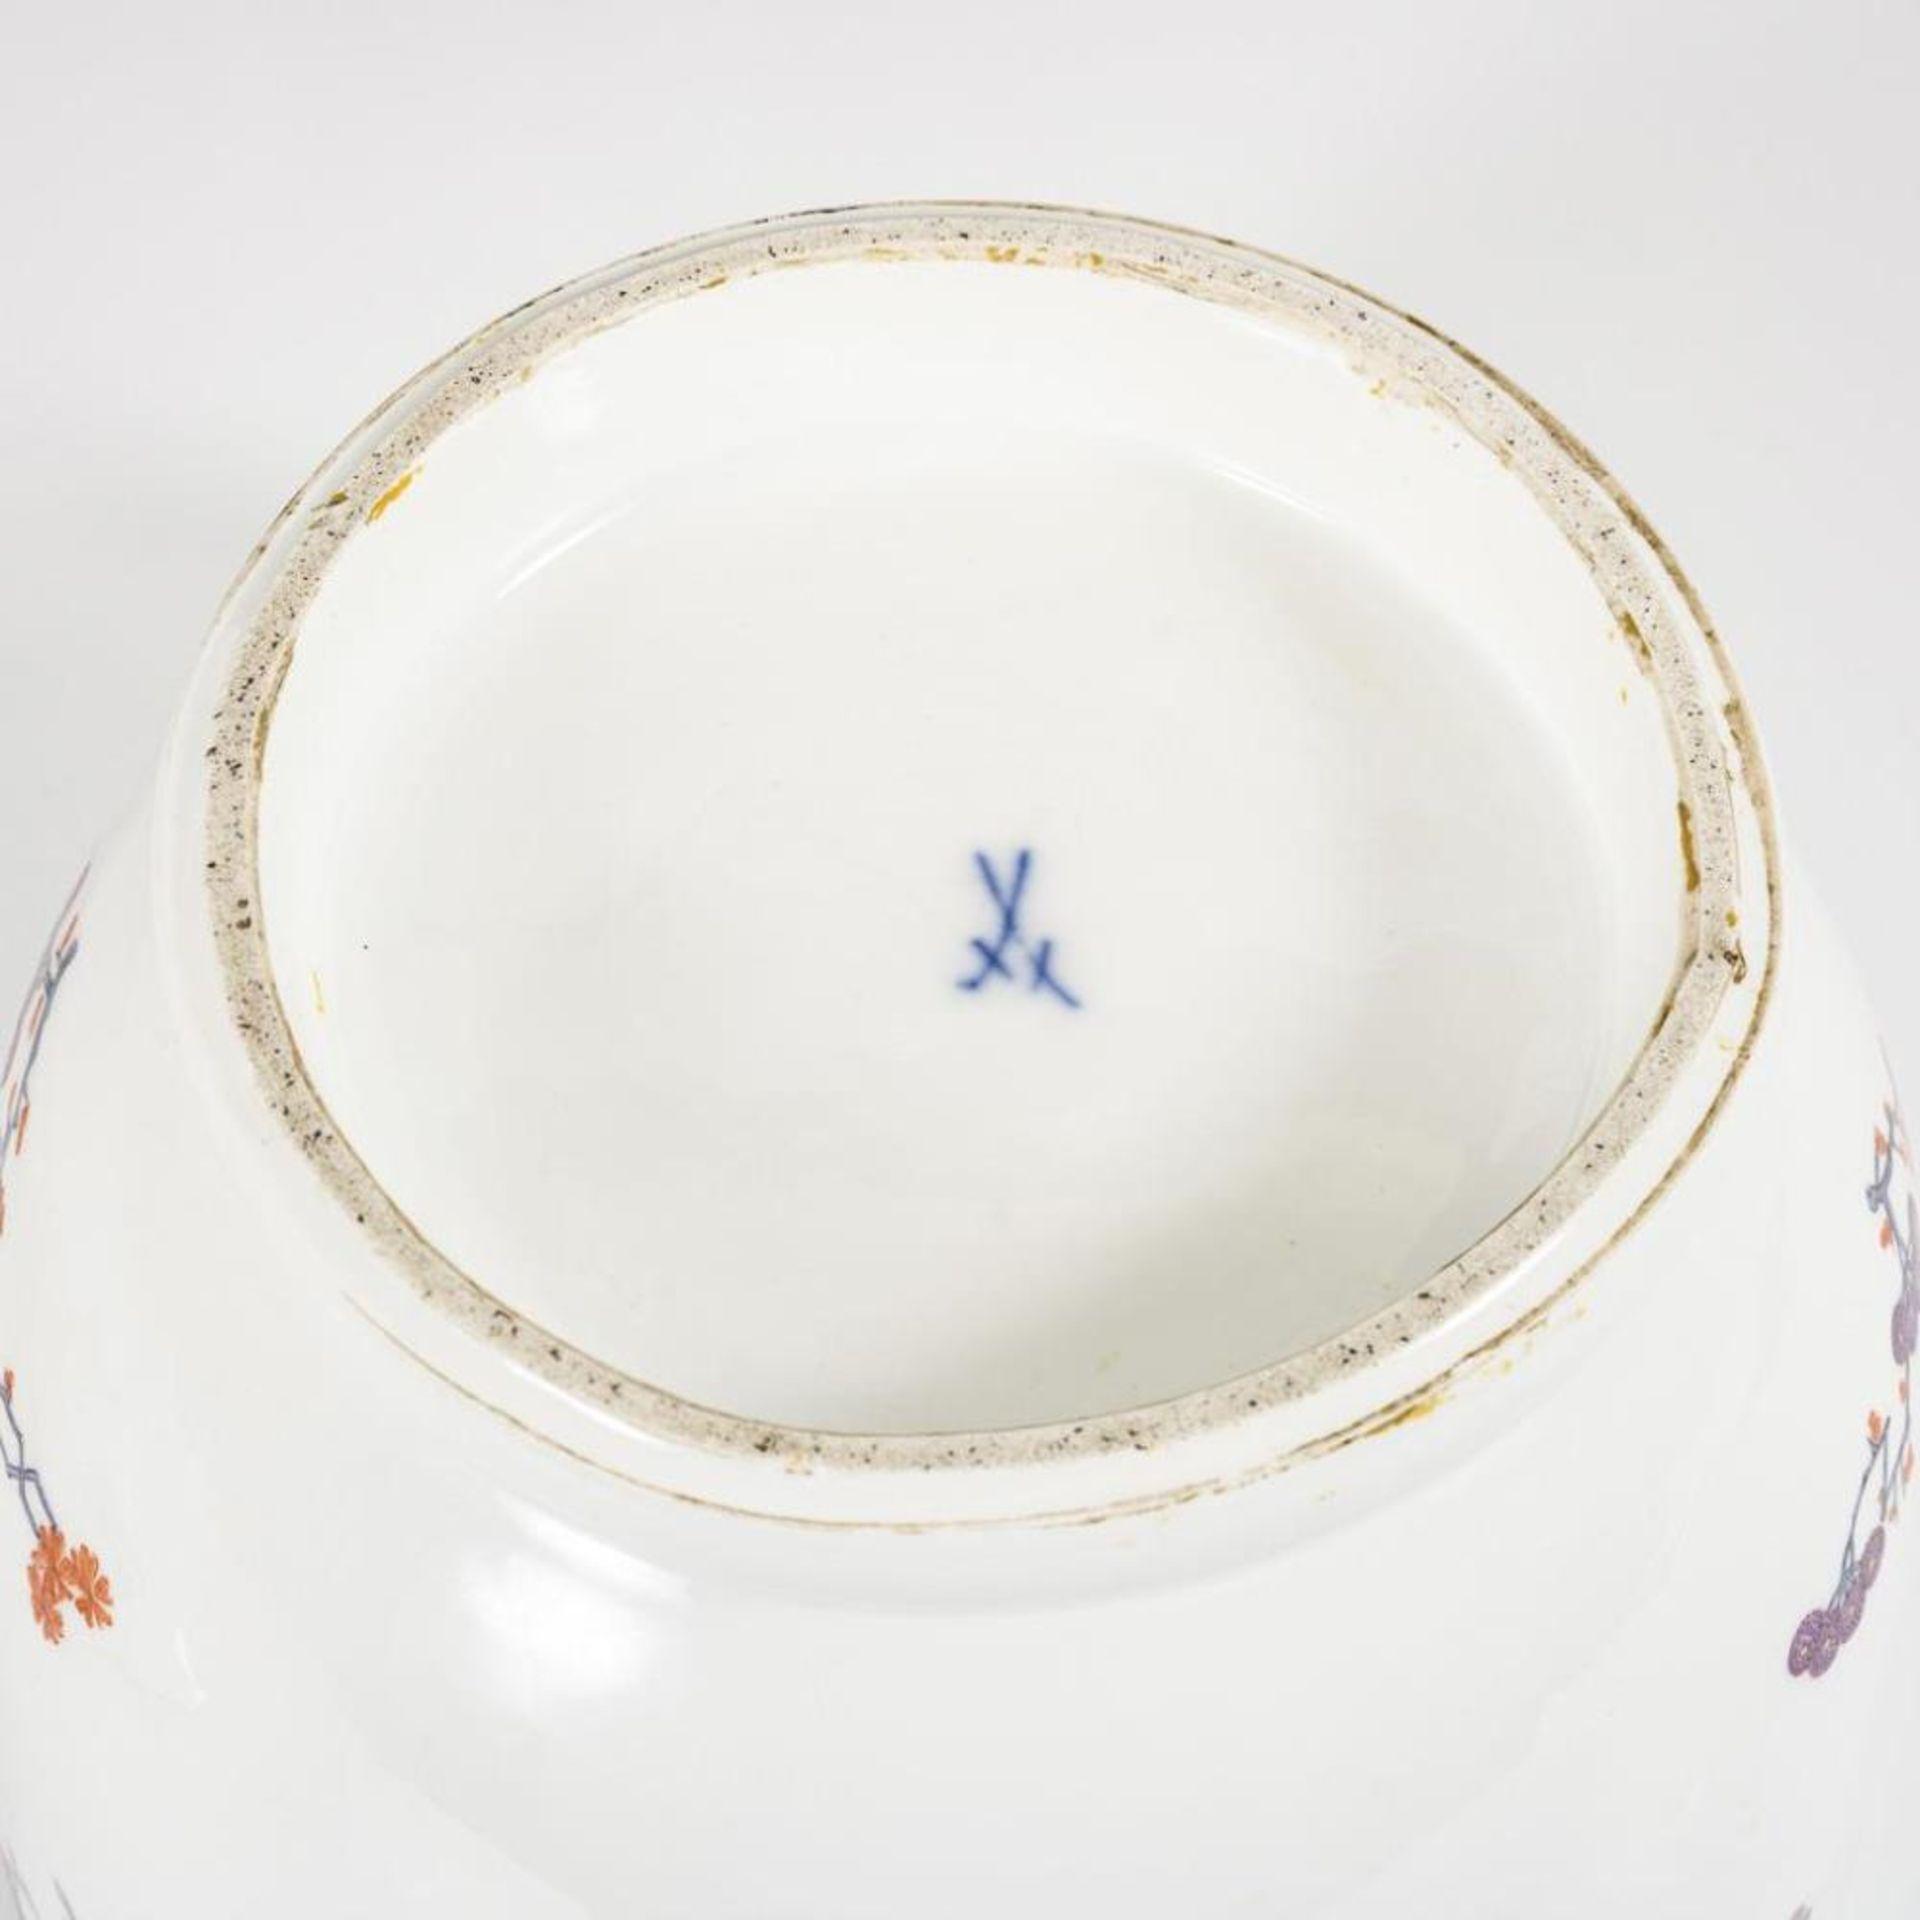 Barockes Deckelgefäß mit Frauenkopfhandhaben - Image 11 of 11